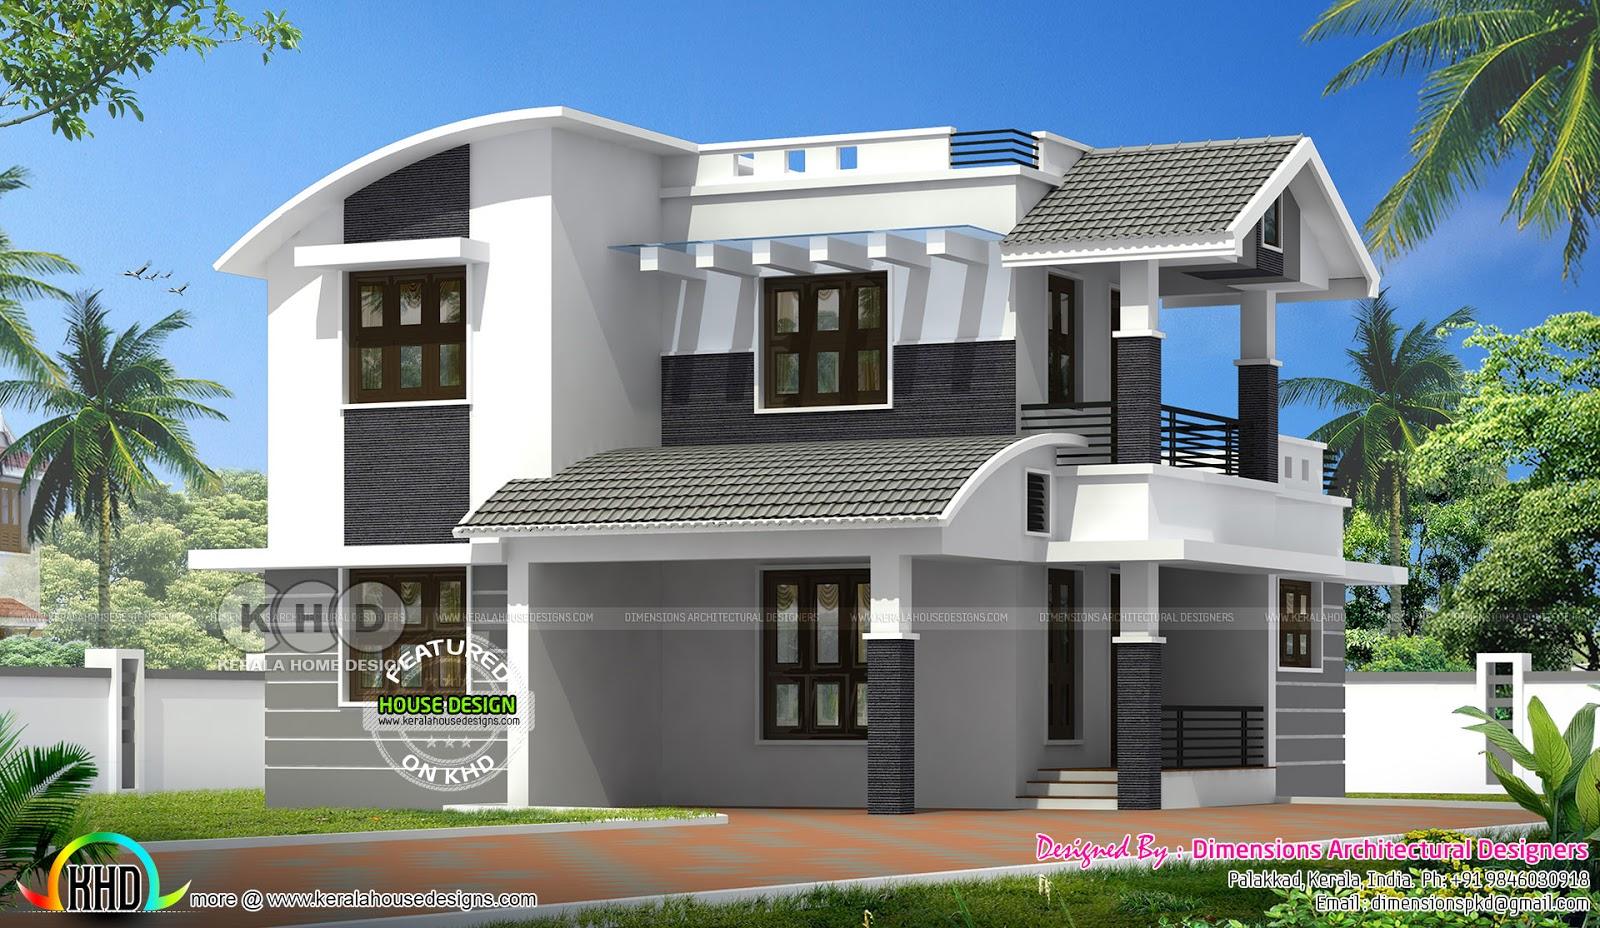 Interior design ideas for small homes in kerala dev gagliya devgagliya on pinterest